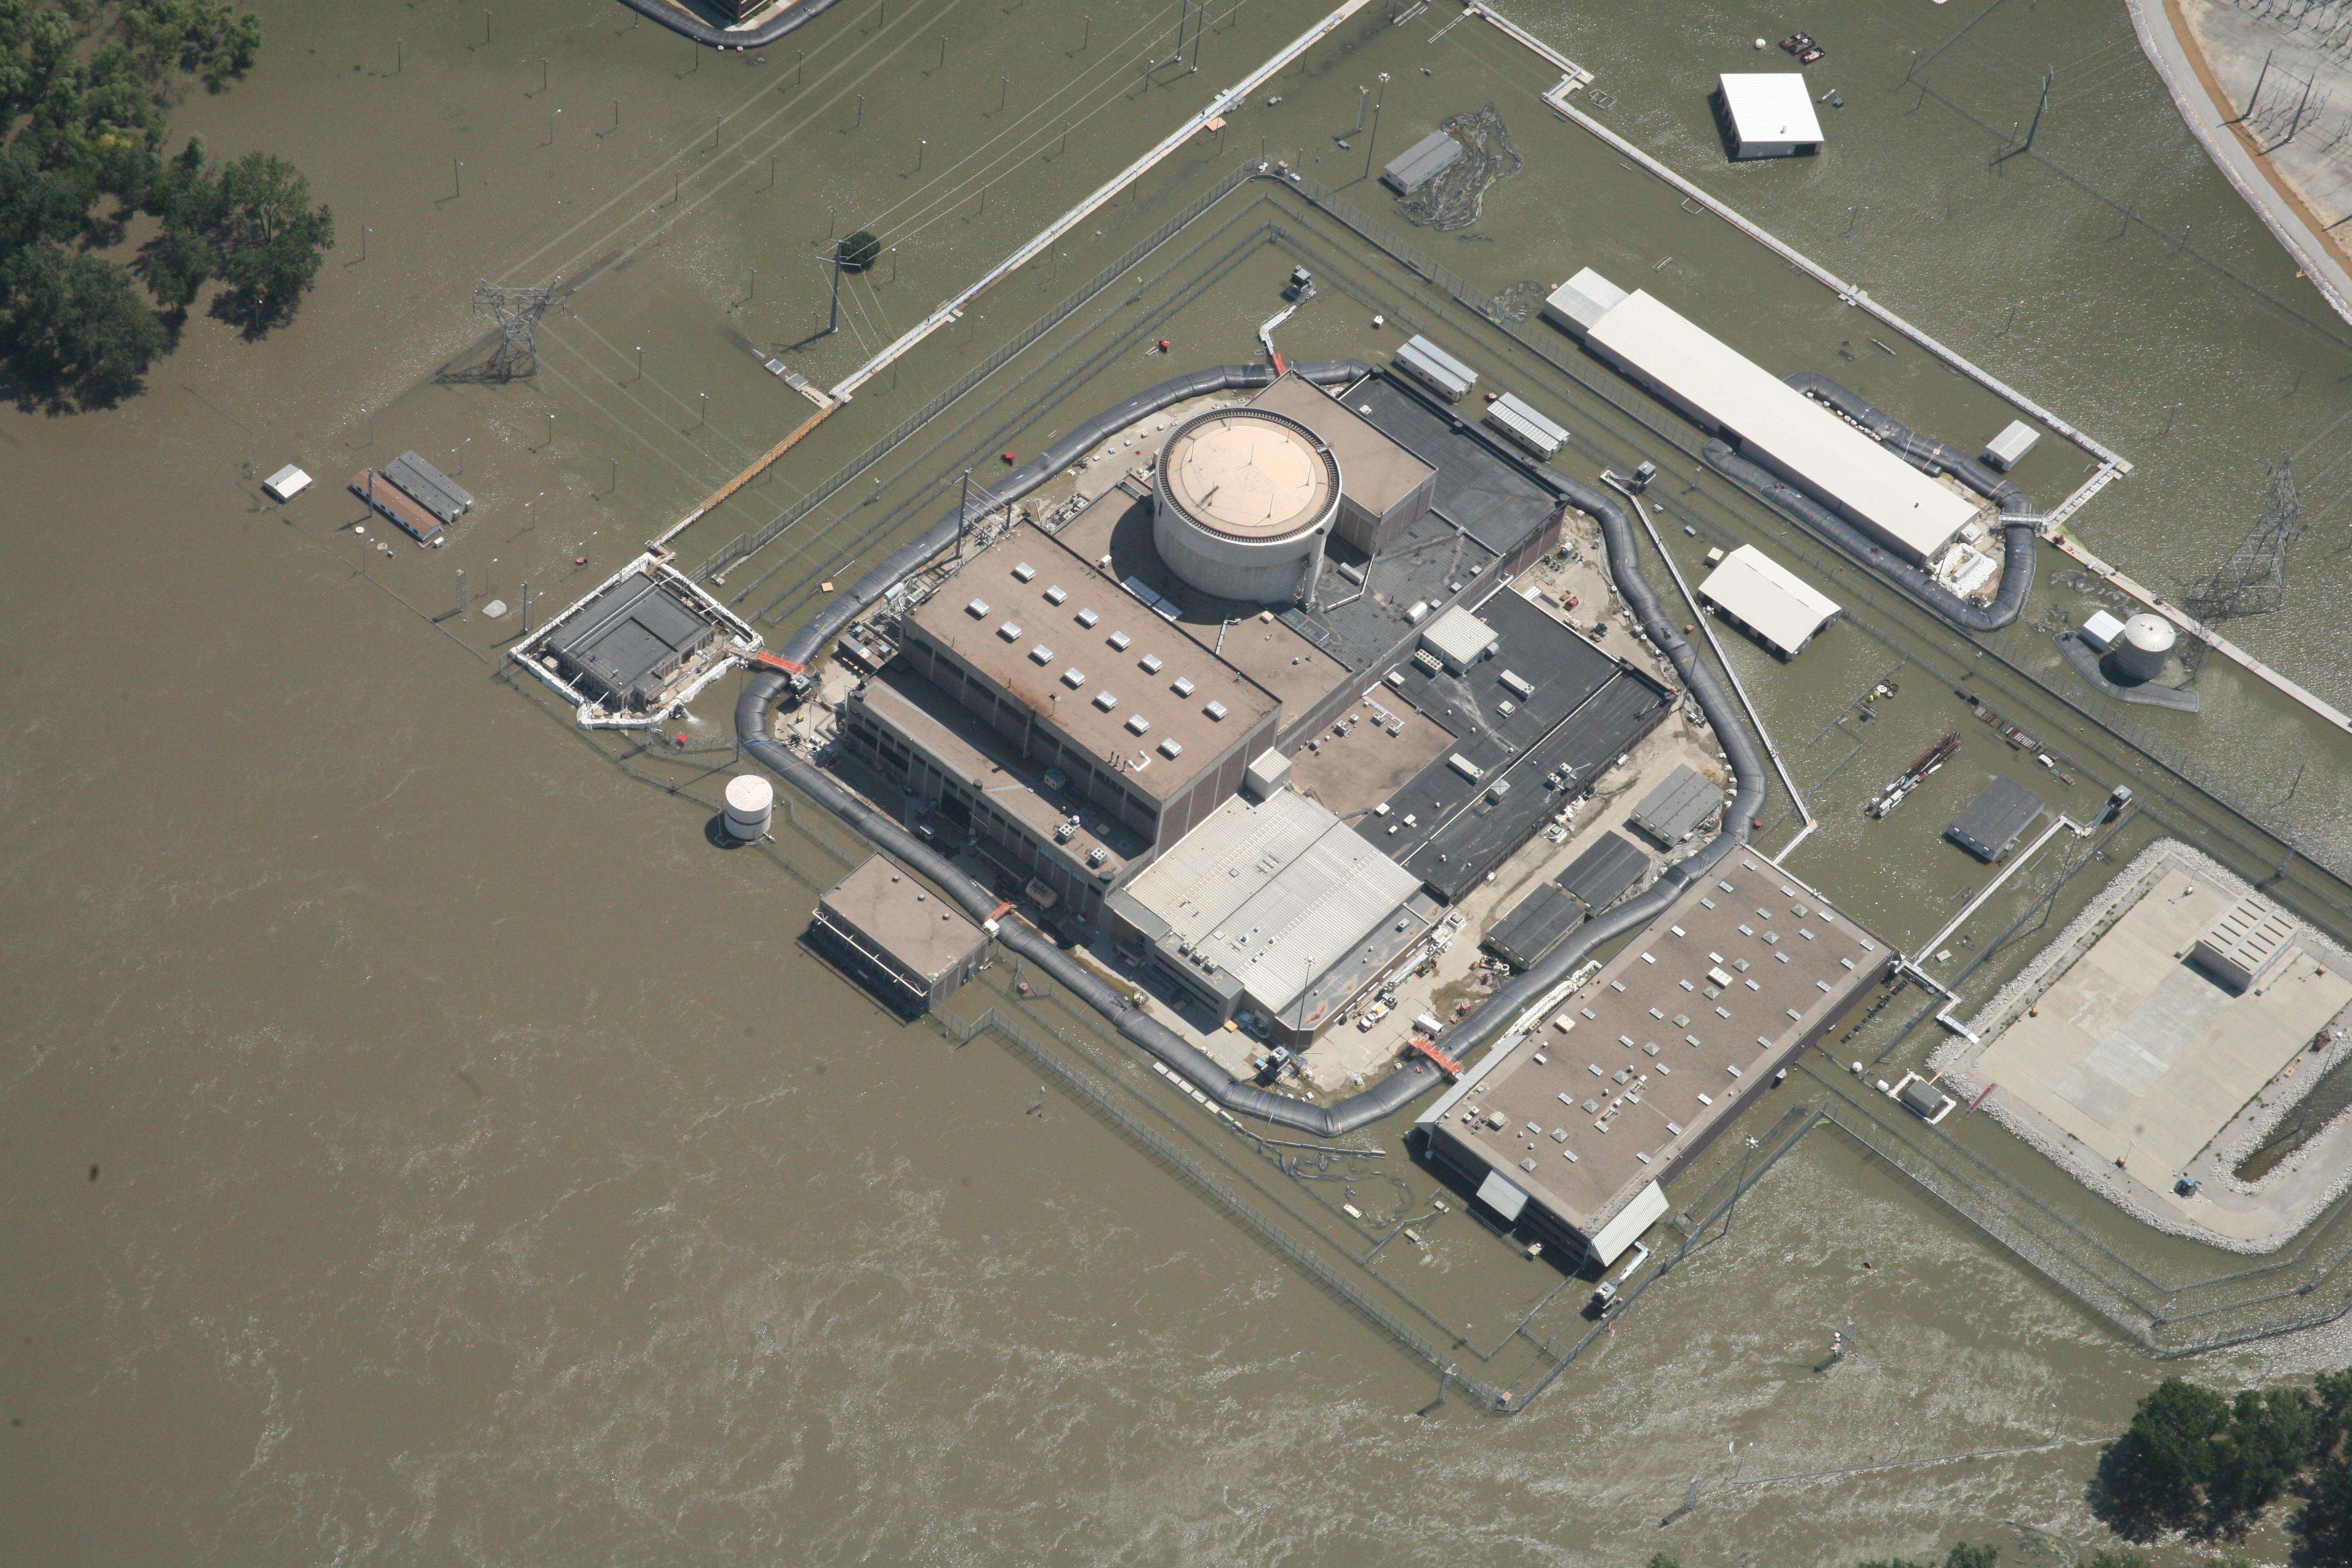 L'Aqua Dam è costituito da un sacchetto di gomma, alcune pompe che riempiono l'interno con acqua e creano un bacino flessibile / Aquadam Inc.